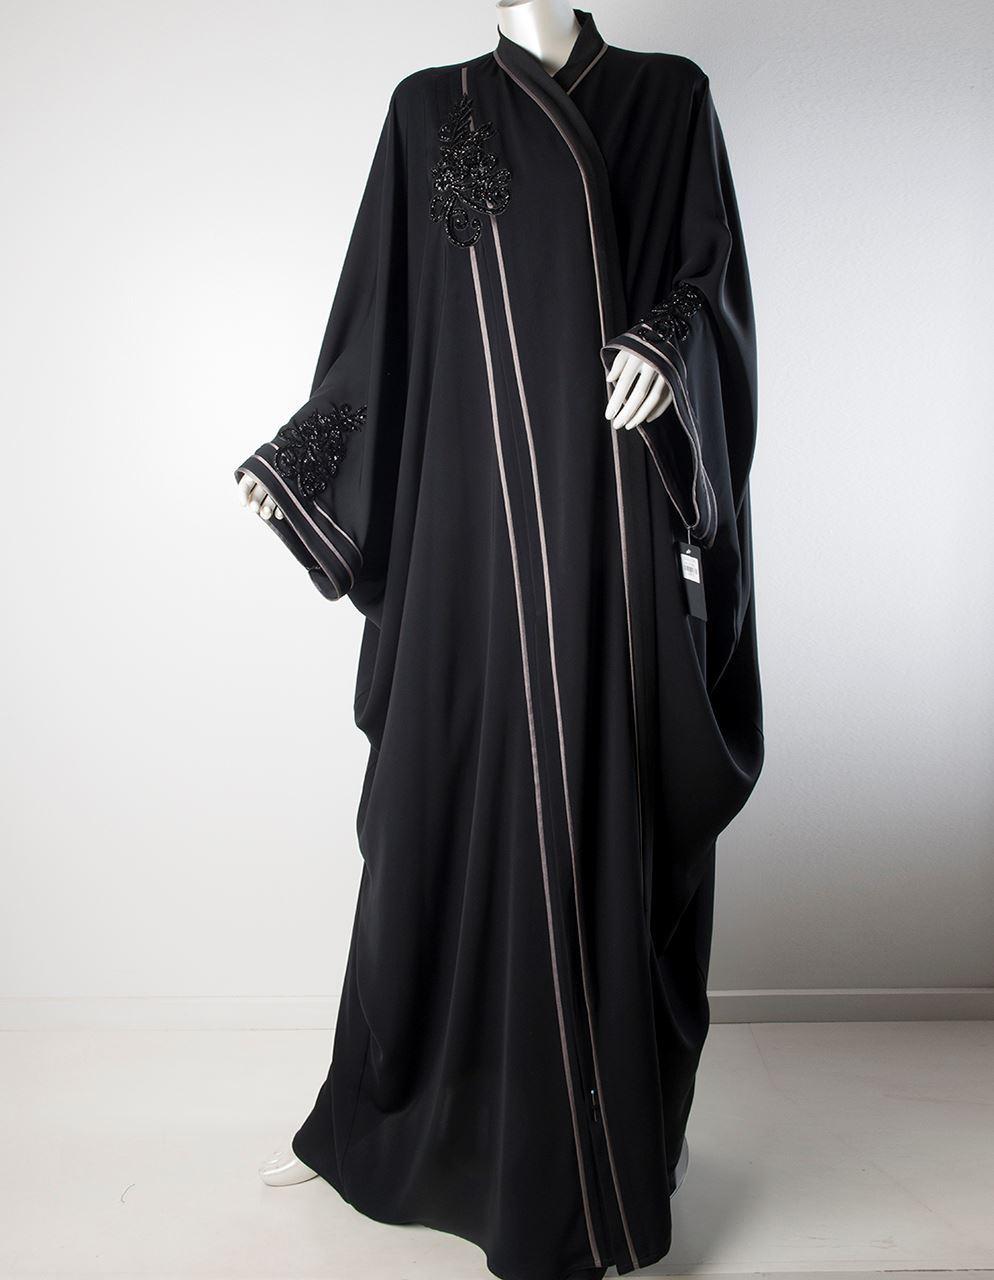 صورة عبايات سعودية , صور للعبايات السعودية جذابة وانيقة